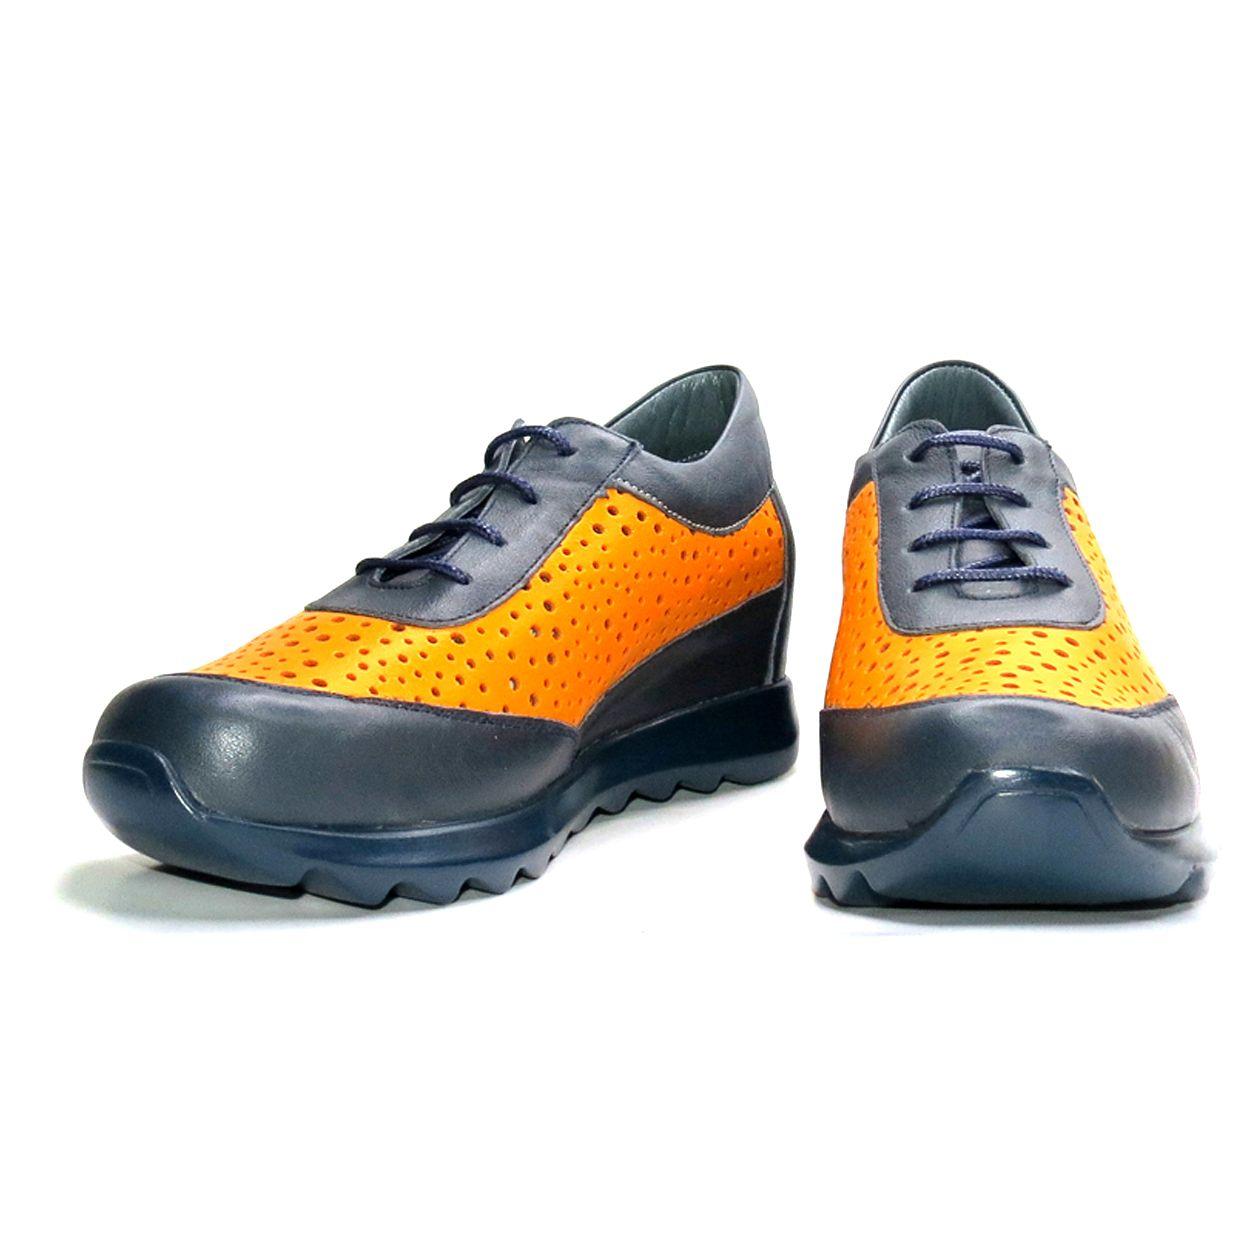 کفش روزمره زنانه آر اند دبلیو مدل 642 رنگ سرمه ای -  - 5